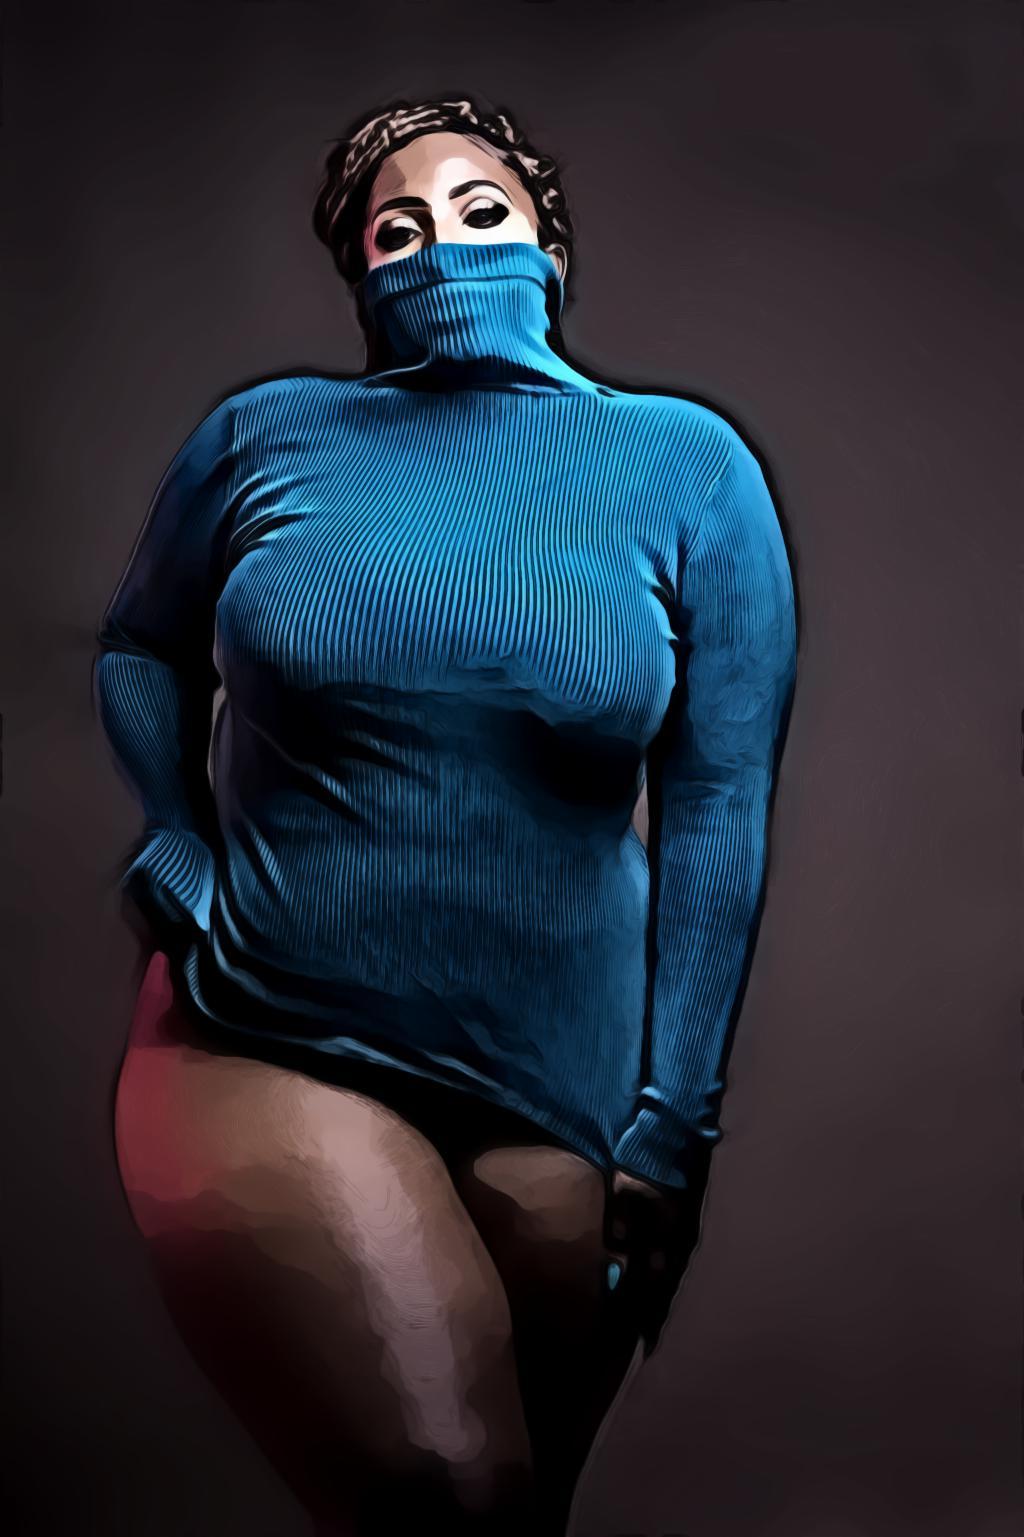 Woman in Blue Turtleneck Sweatshirt